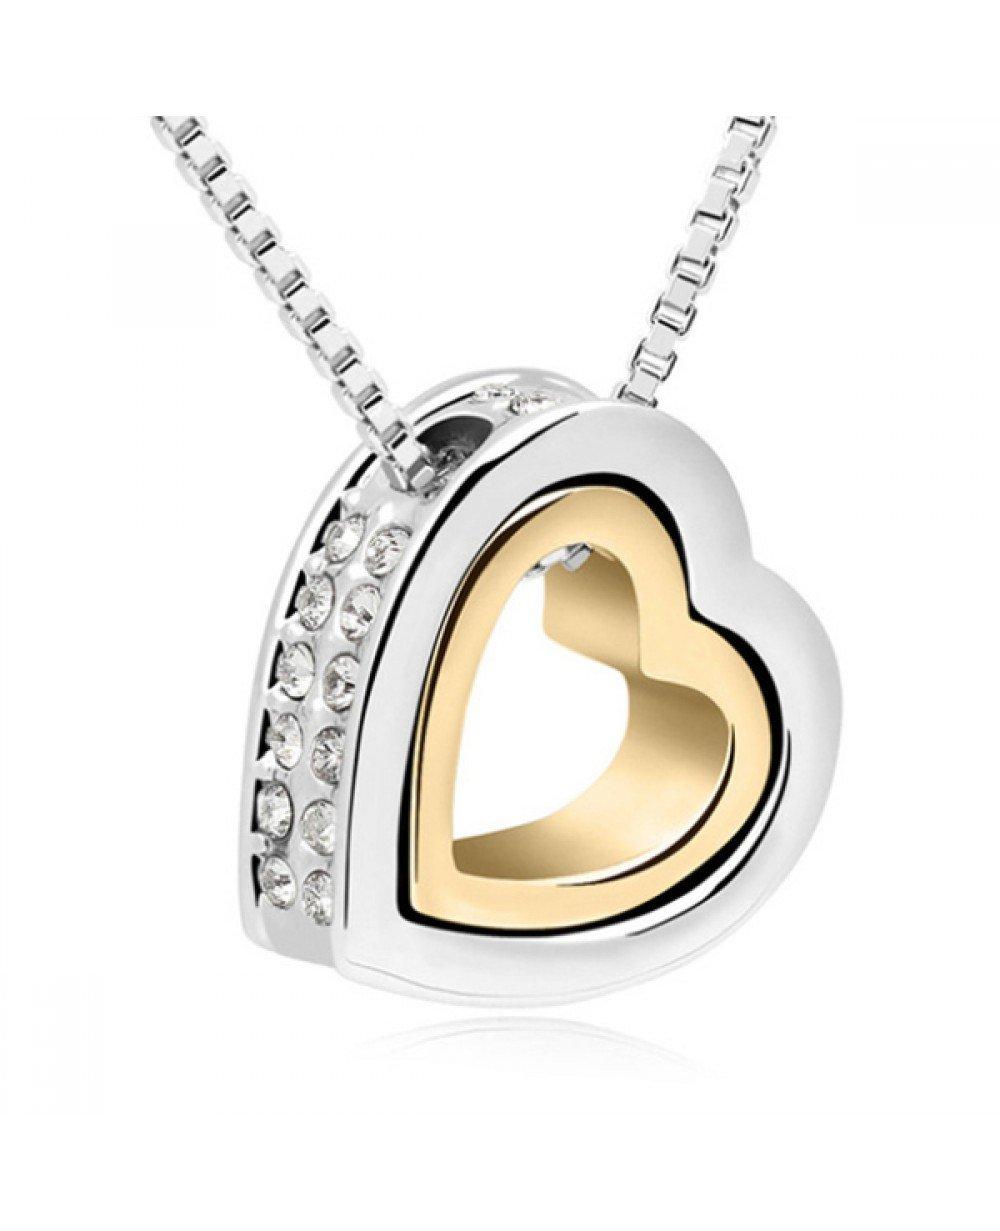 Uitgelezene Cilla Jewels kettinghanger hartje Zilver Goud WM-52